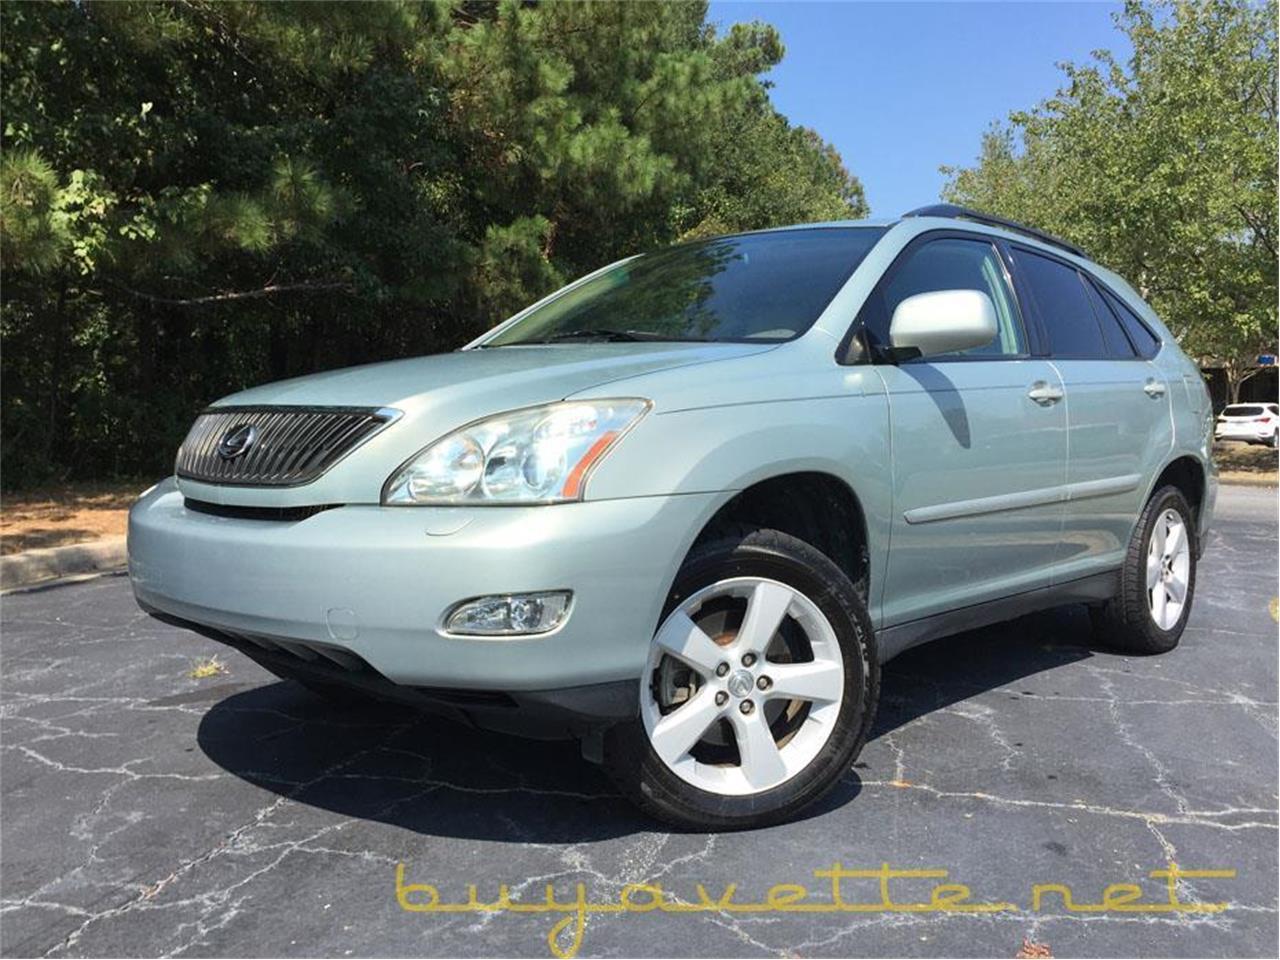 2005 Lexus Rx330 For Sale Cc 1027523 330 Blue Colors Large Picture Of 05 M0ub